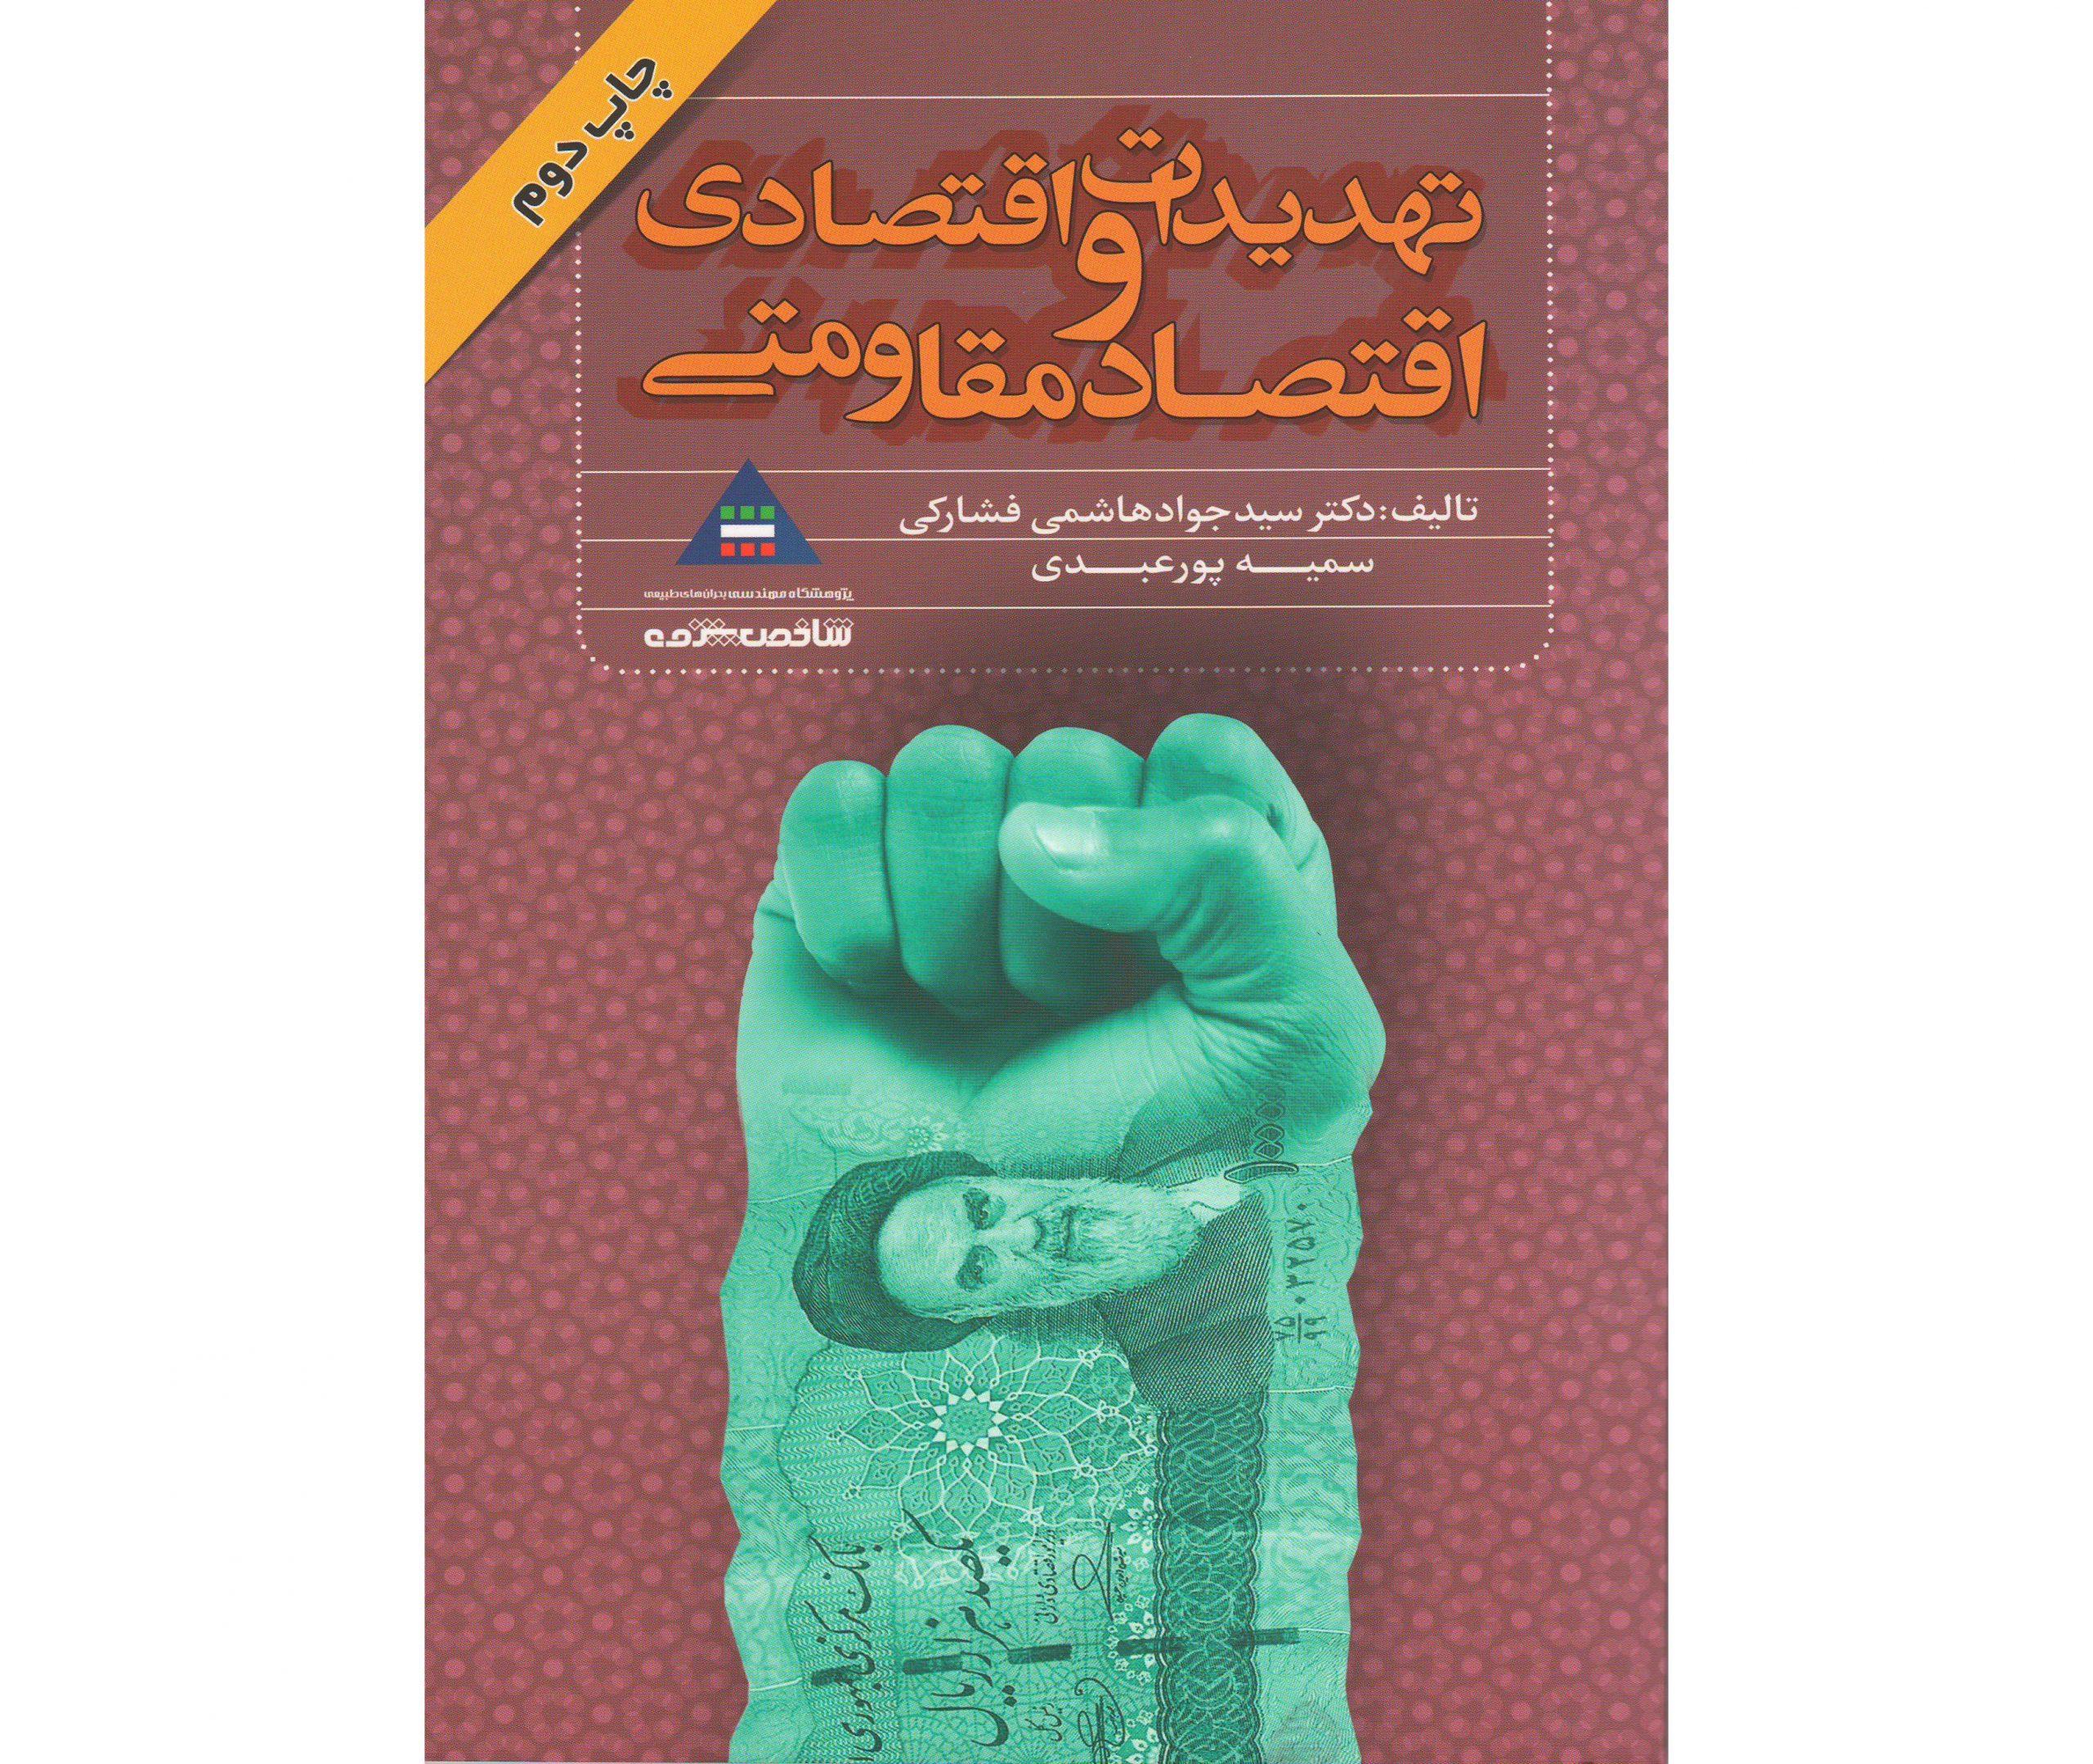 سیاست های کلی «اقتصاد مقاومتی» درهفتمین سال مظلومیت